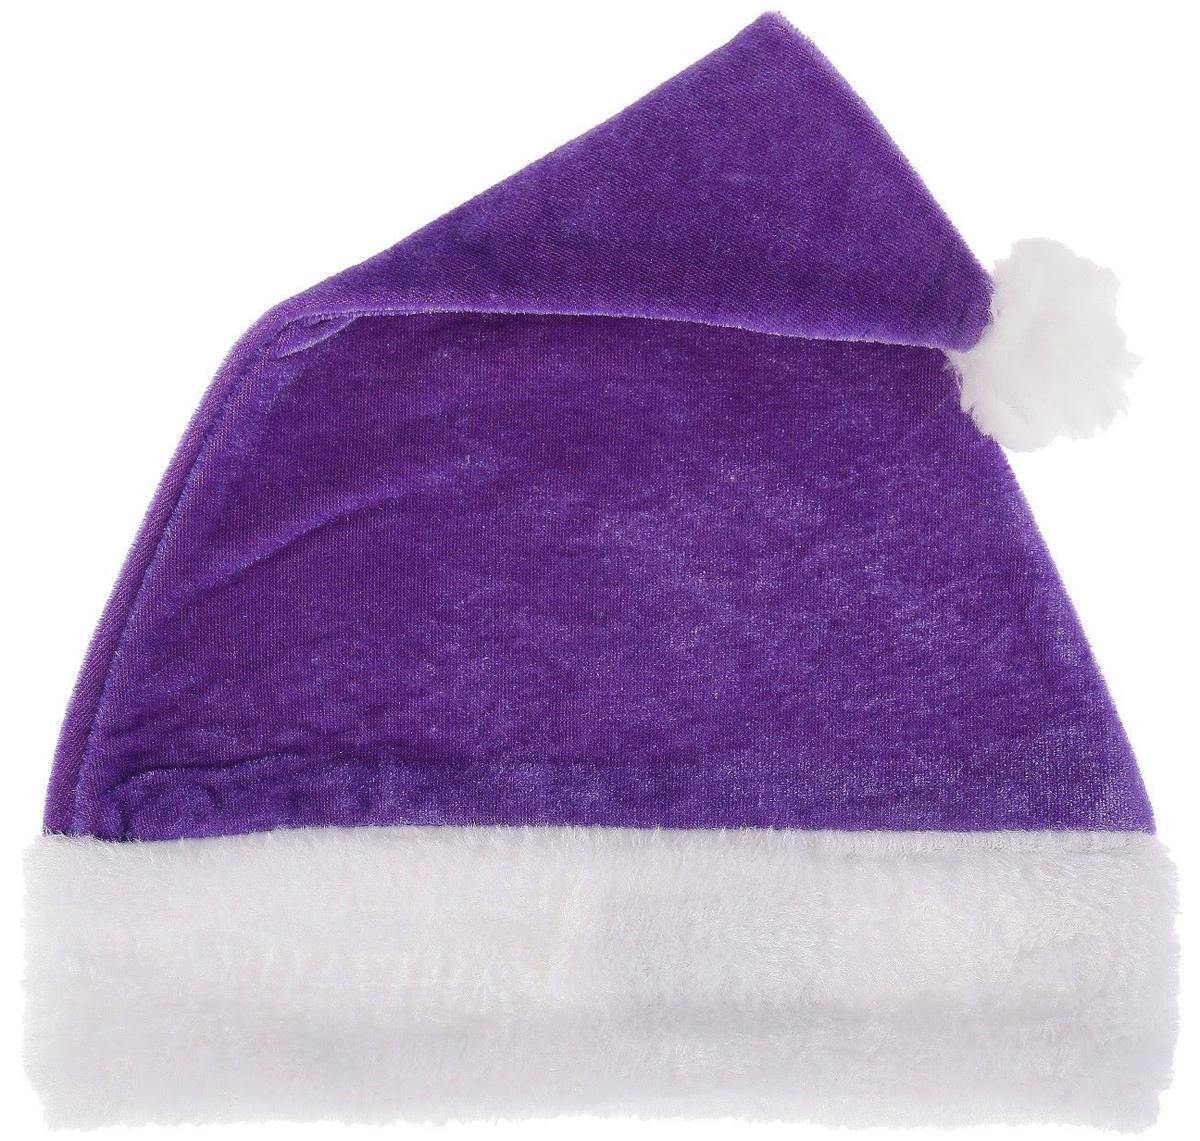 Колпак - традиционный новогодний головной убор, который дополнит любой праздничный костюм. Будет это корпоративная вечеринка, утренник в школе или отдых в компании друзей - изделие поднимет настроение, где бы вы ни находились.  Колпачок подойдет тем, кто собирается отмечать зимний праздник в помещении. В противном случае его следует надеть на теплую шапку, чтобы не простудиться.